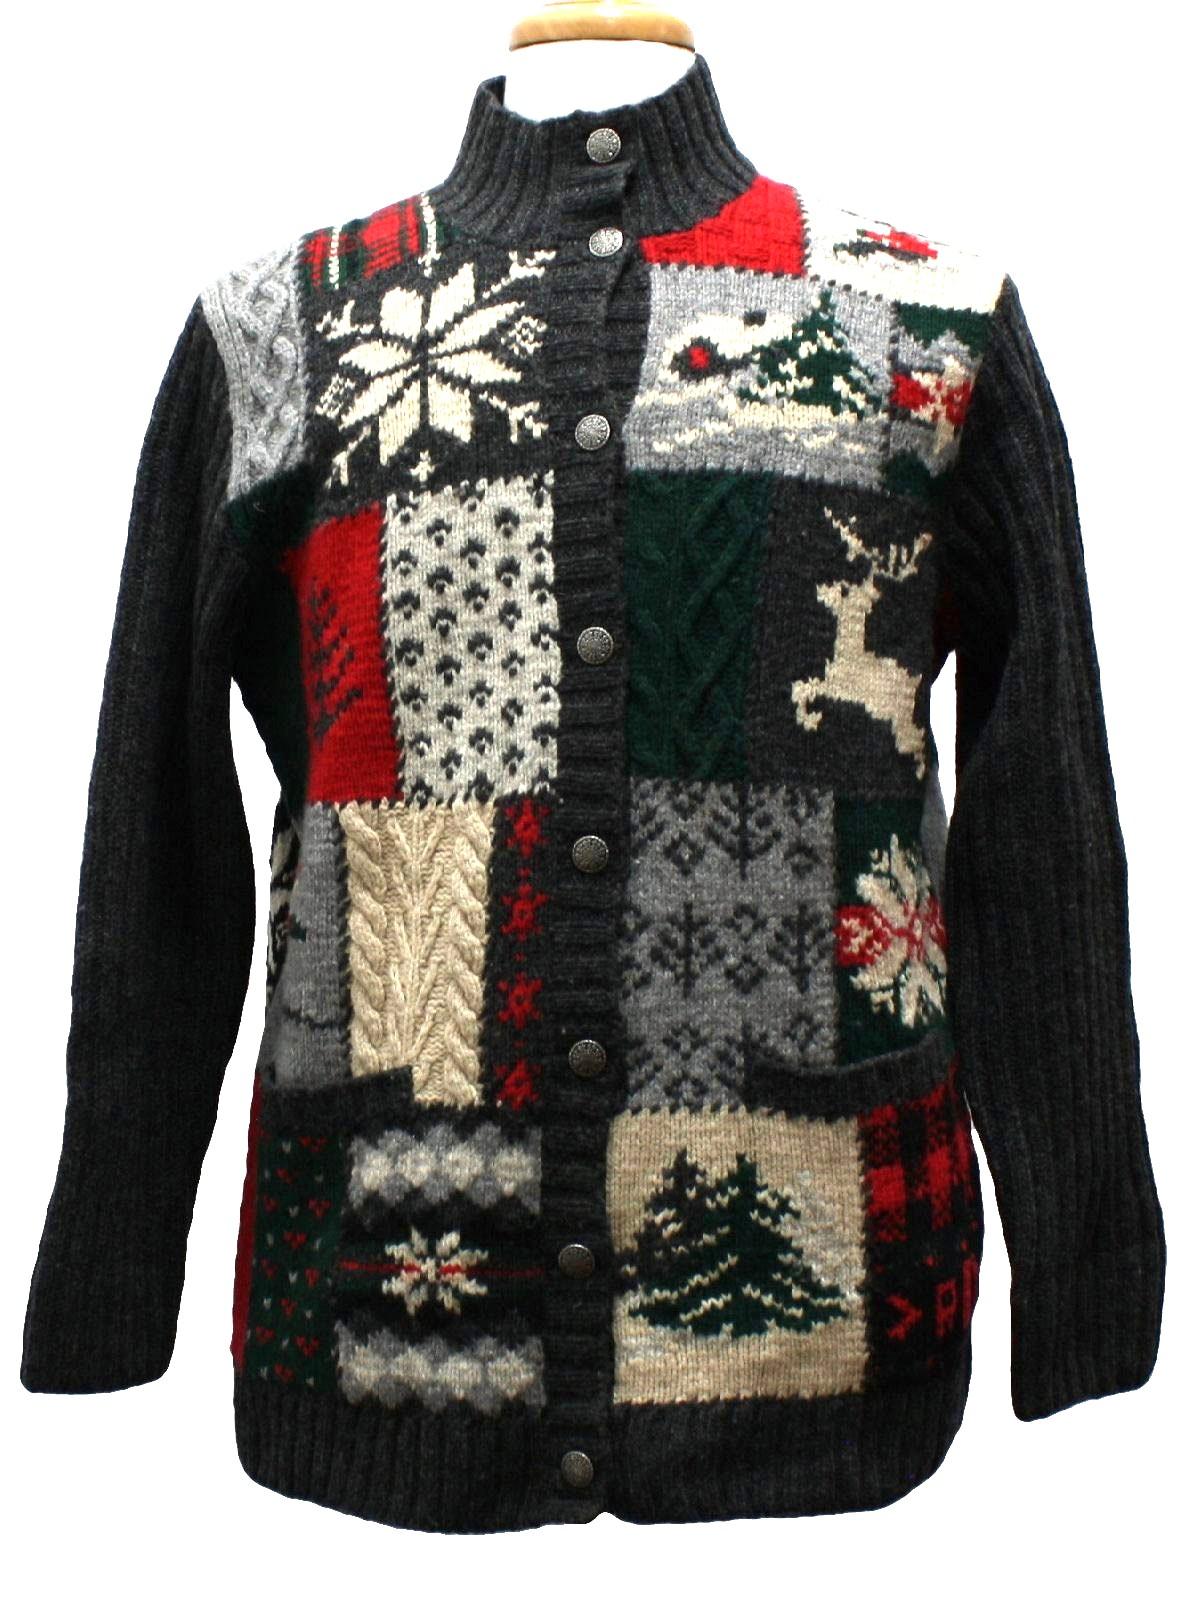 Designer Ugly Christmas Sweater: -Lauren Ralph Lauren ...